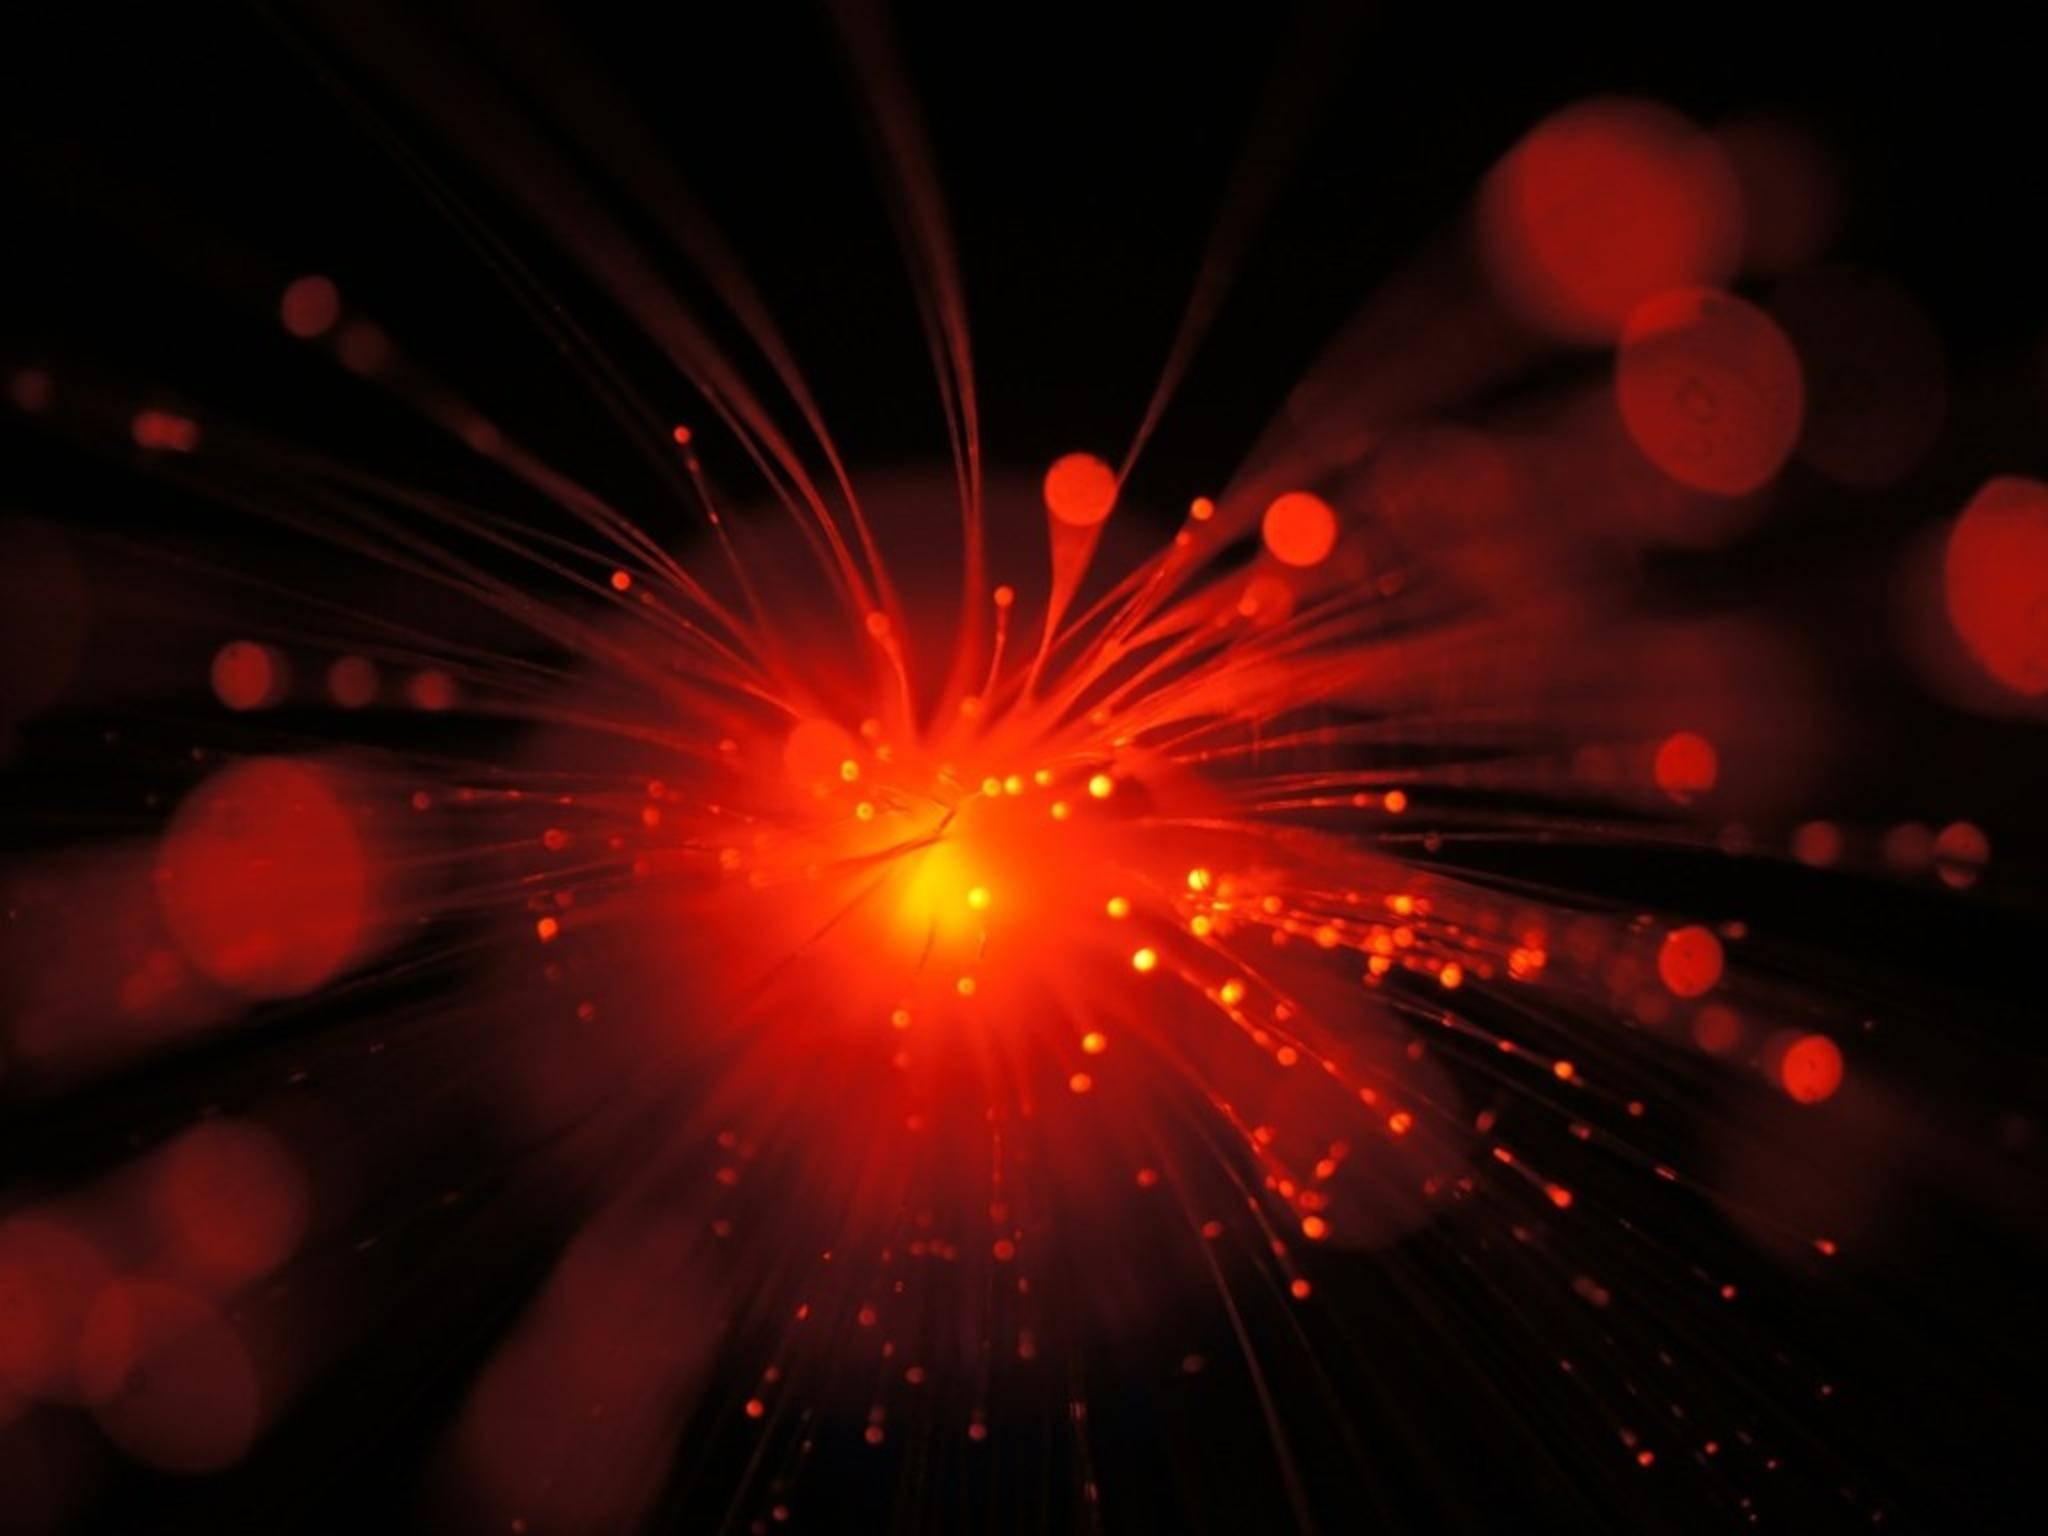 Mit einer Glasfaser-Verbindung könnte bald eine Geschwindigkeit von 1 Tbp/s erreicht werden.